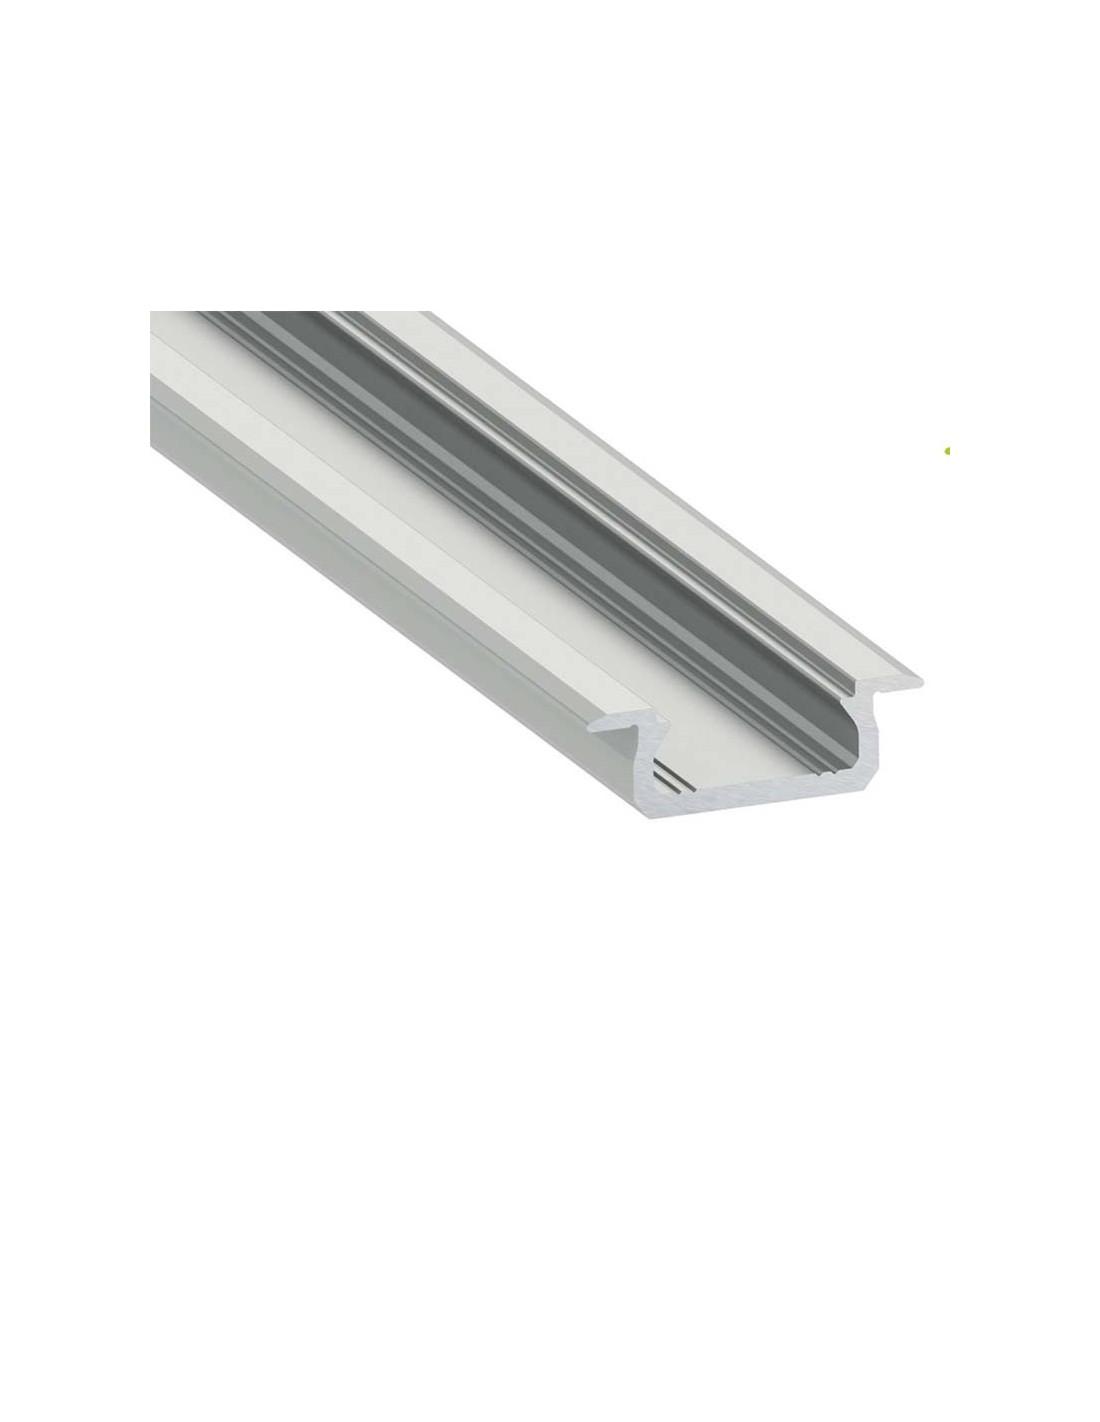 Perfil de aluminio en z pictures to pin on pinterest - Tipos de perfiles de aluminio ...